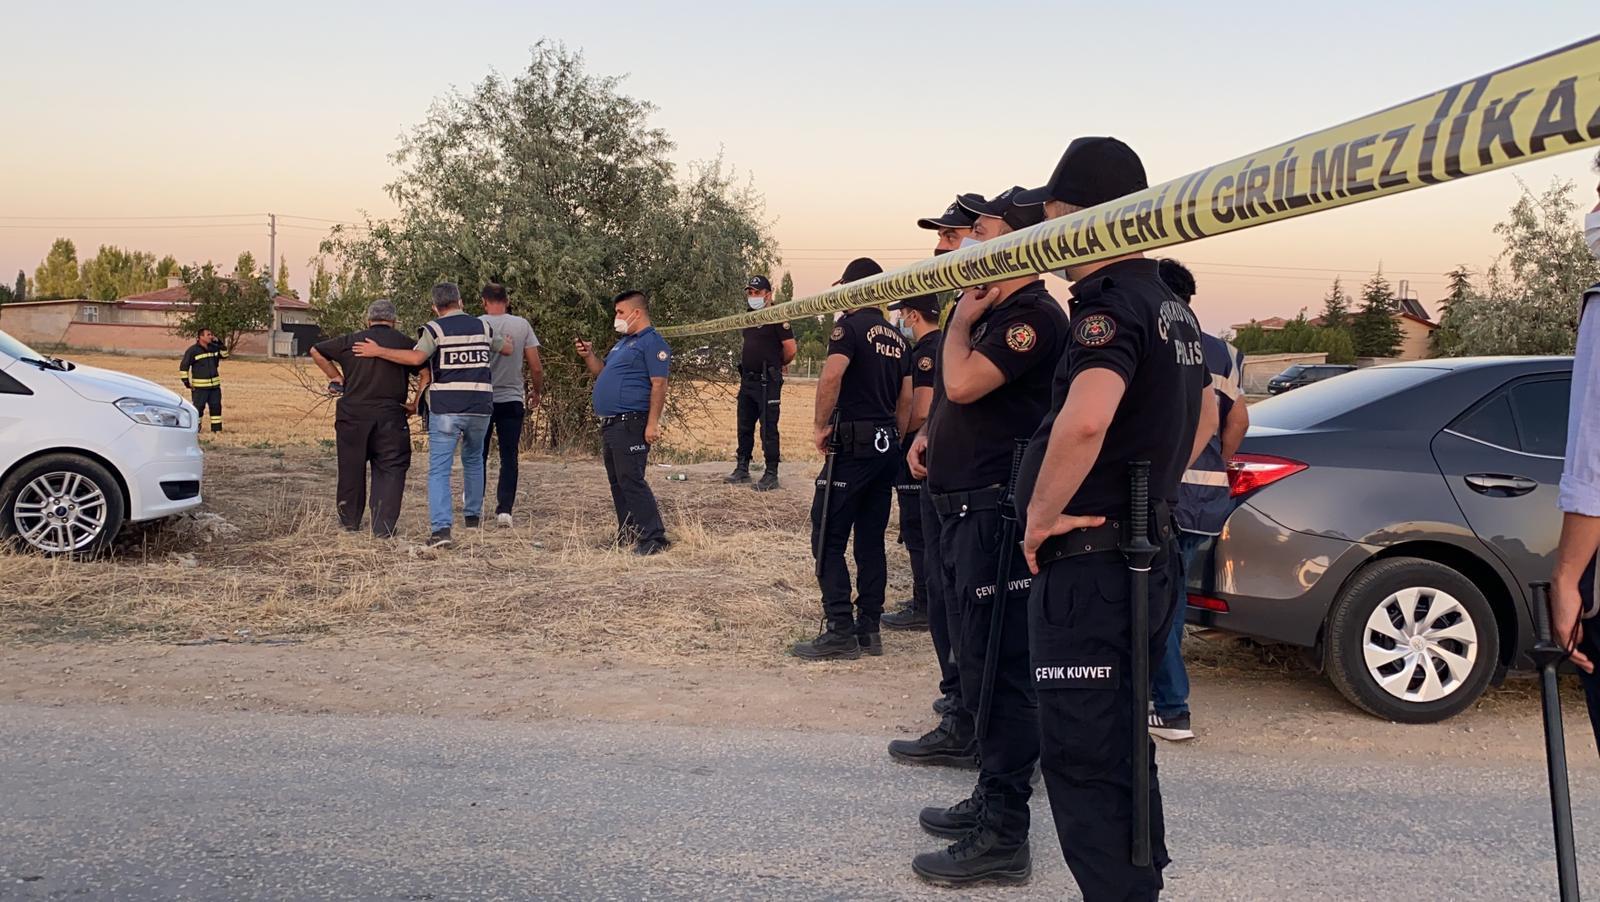 Konya'da silahlı saldırı: Aynı aileden 7 kişi öldürüp, evi ateşe verdiler